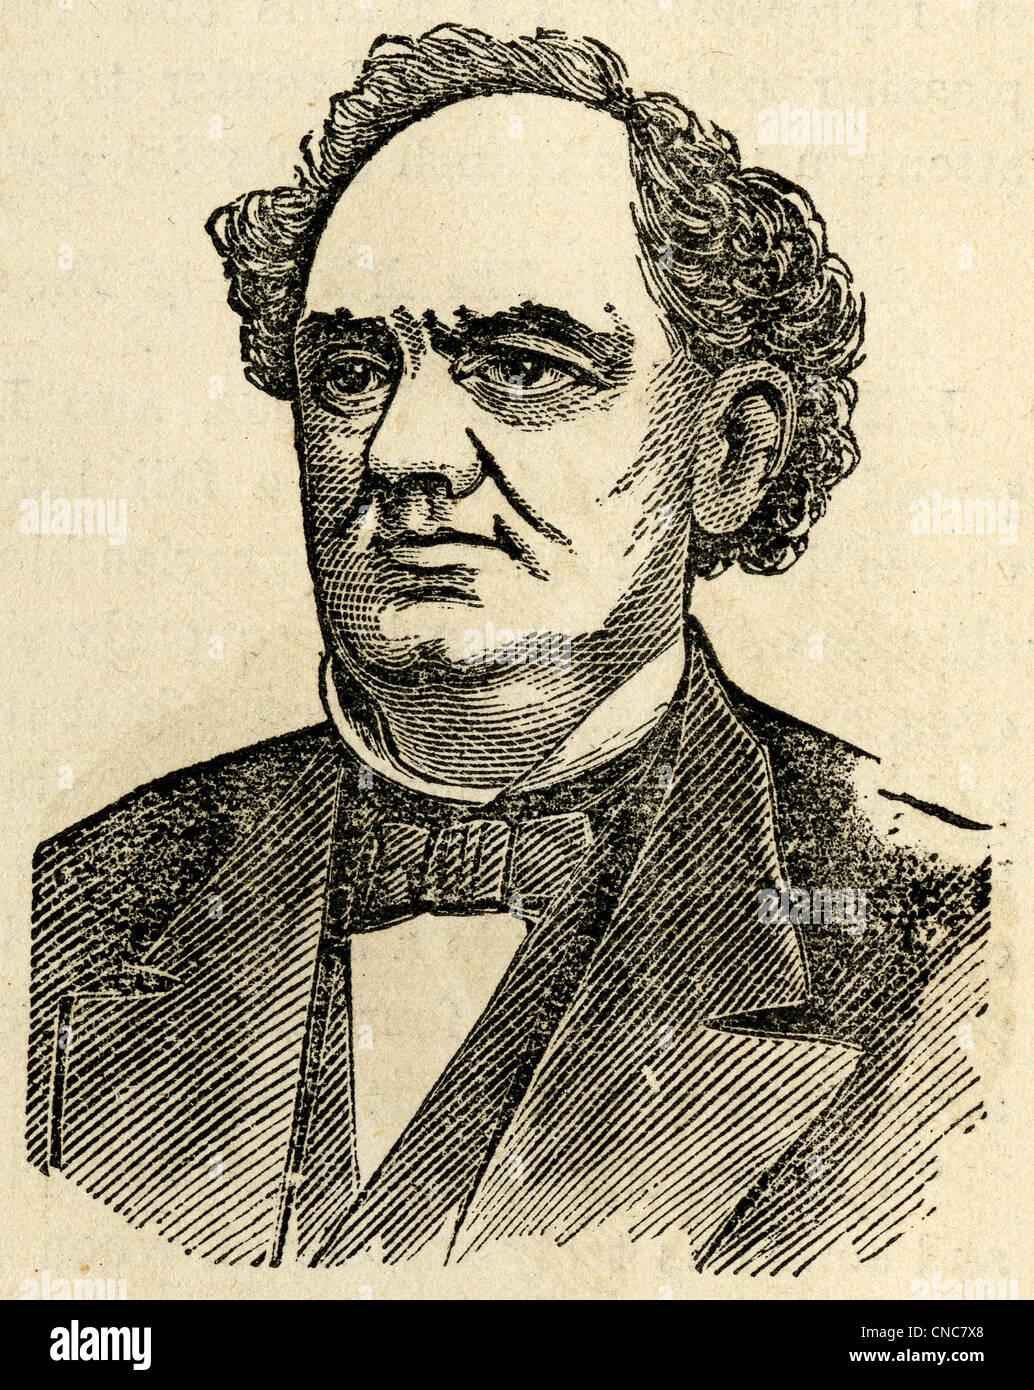 Semplice 1871 xilografia incisione di PT Barnum. Immagini Stock